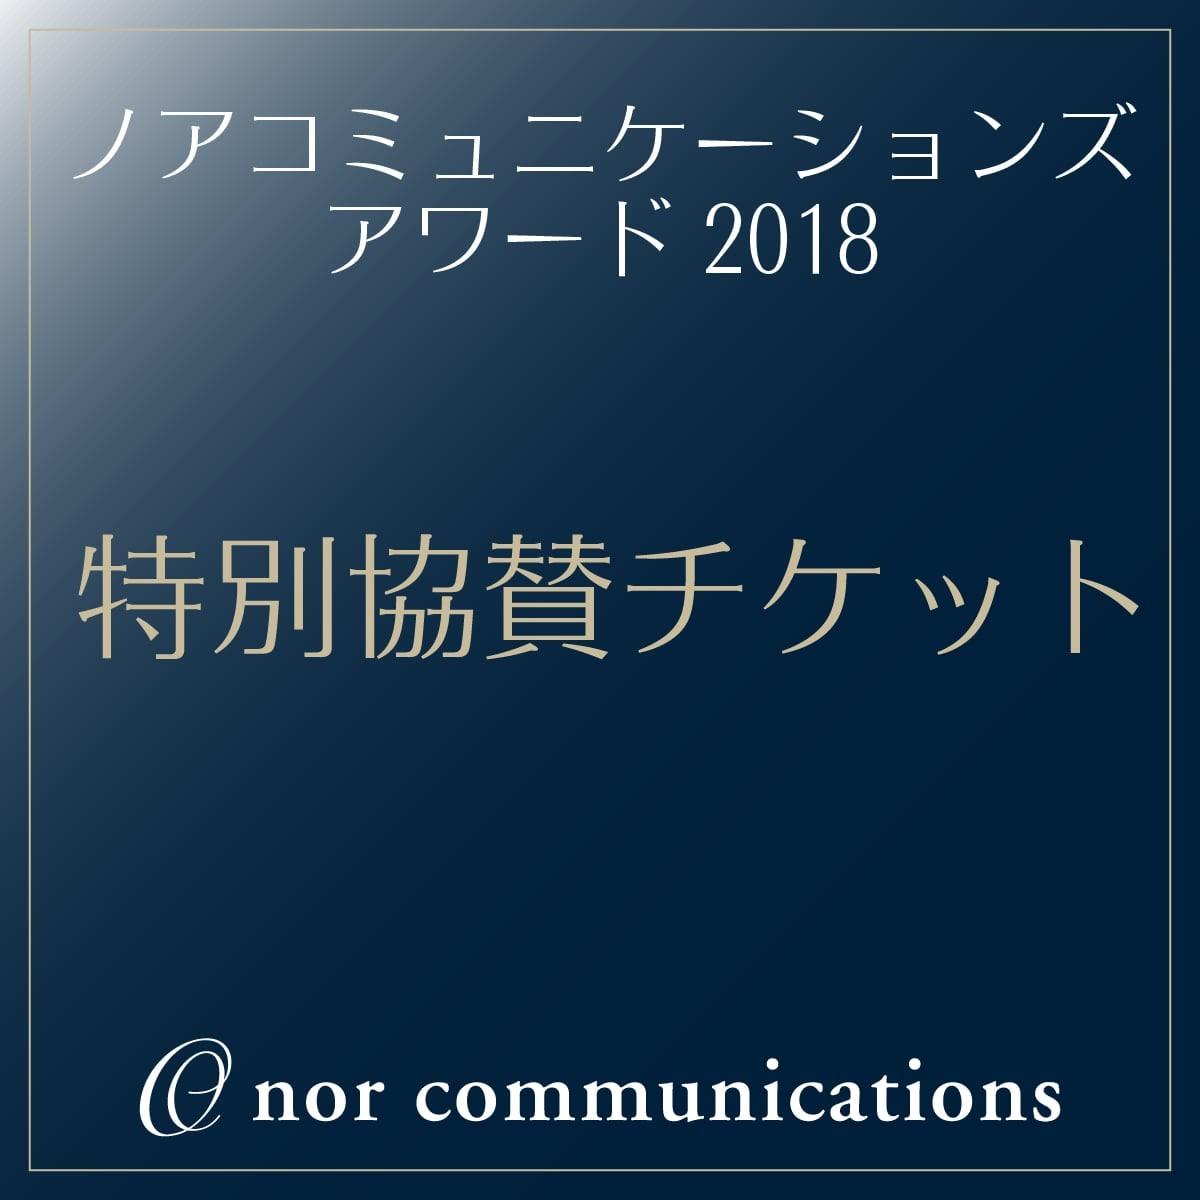 【特別協賛】ノアコミュニケーションズアワード2018特別協賛チケット《先着限定5社》のイメージその1